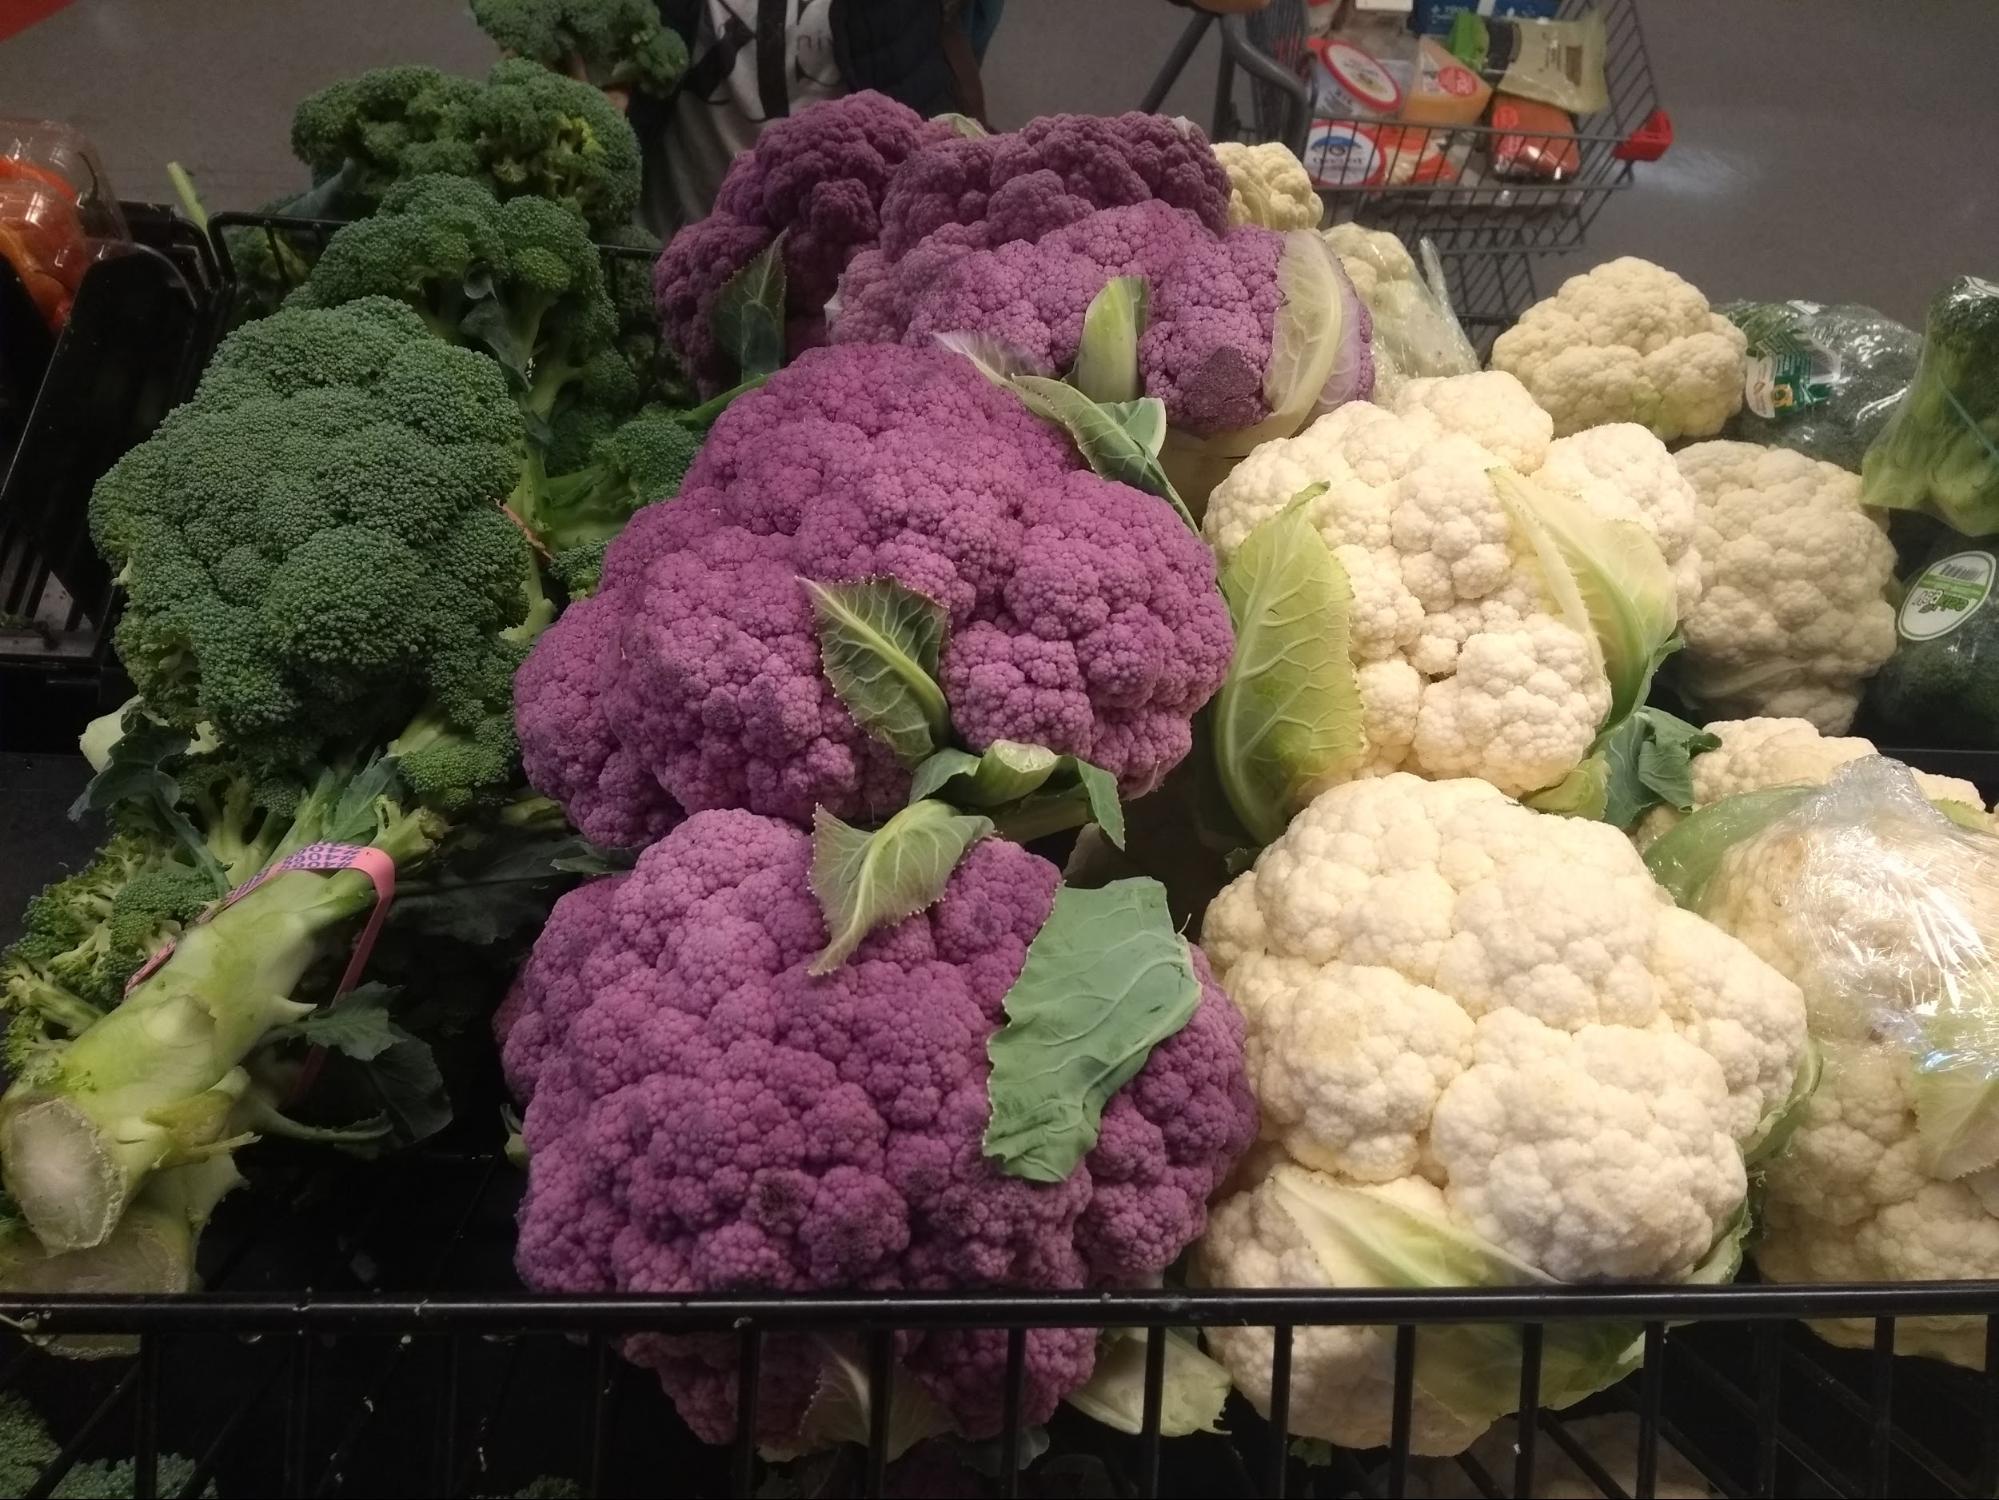 ケベックで見つけた不思議な色の野菜たち